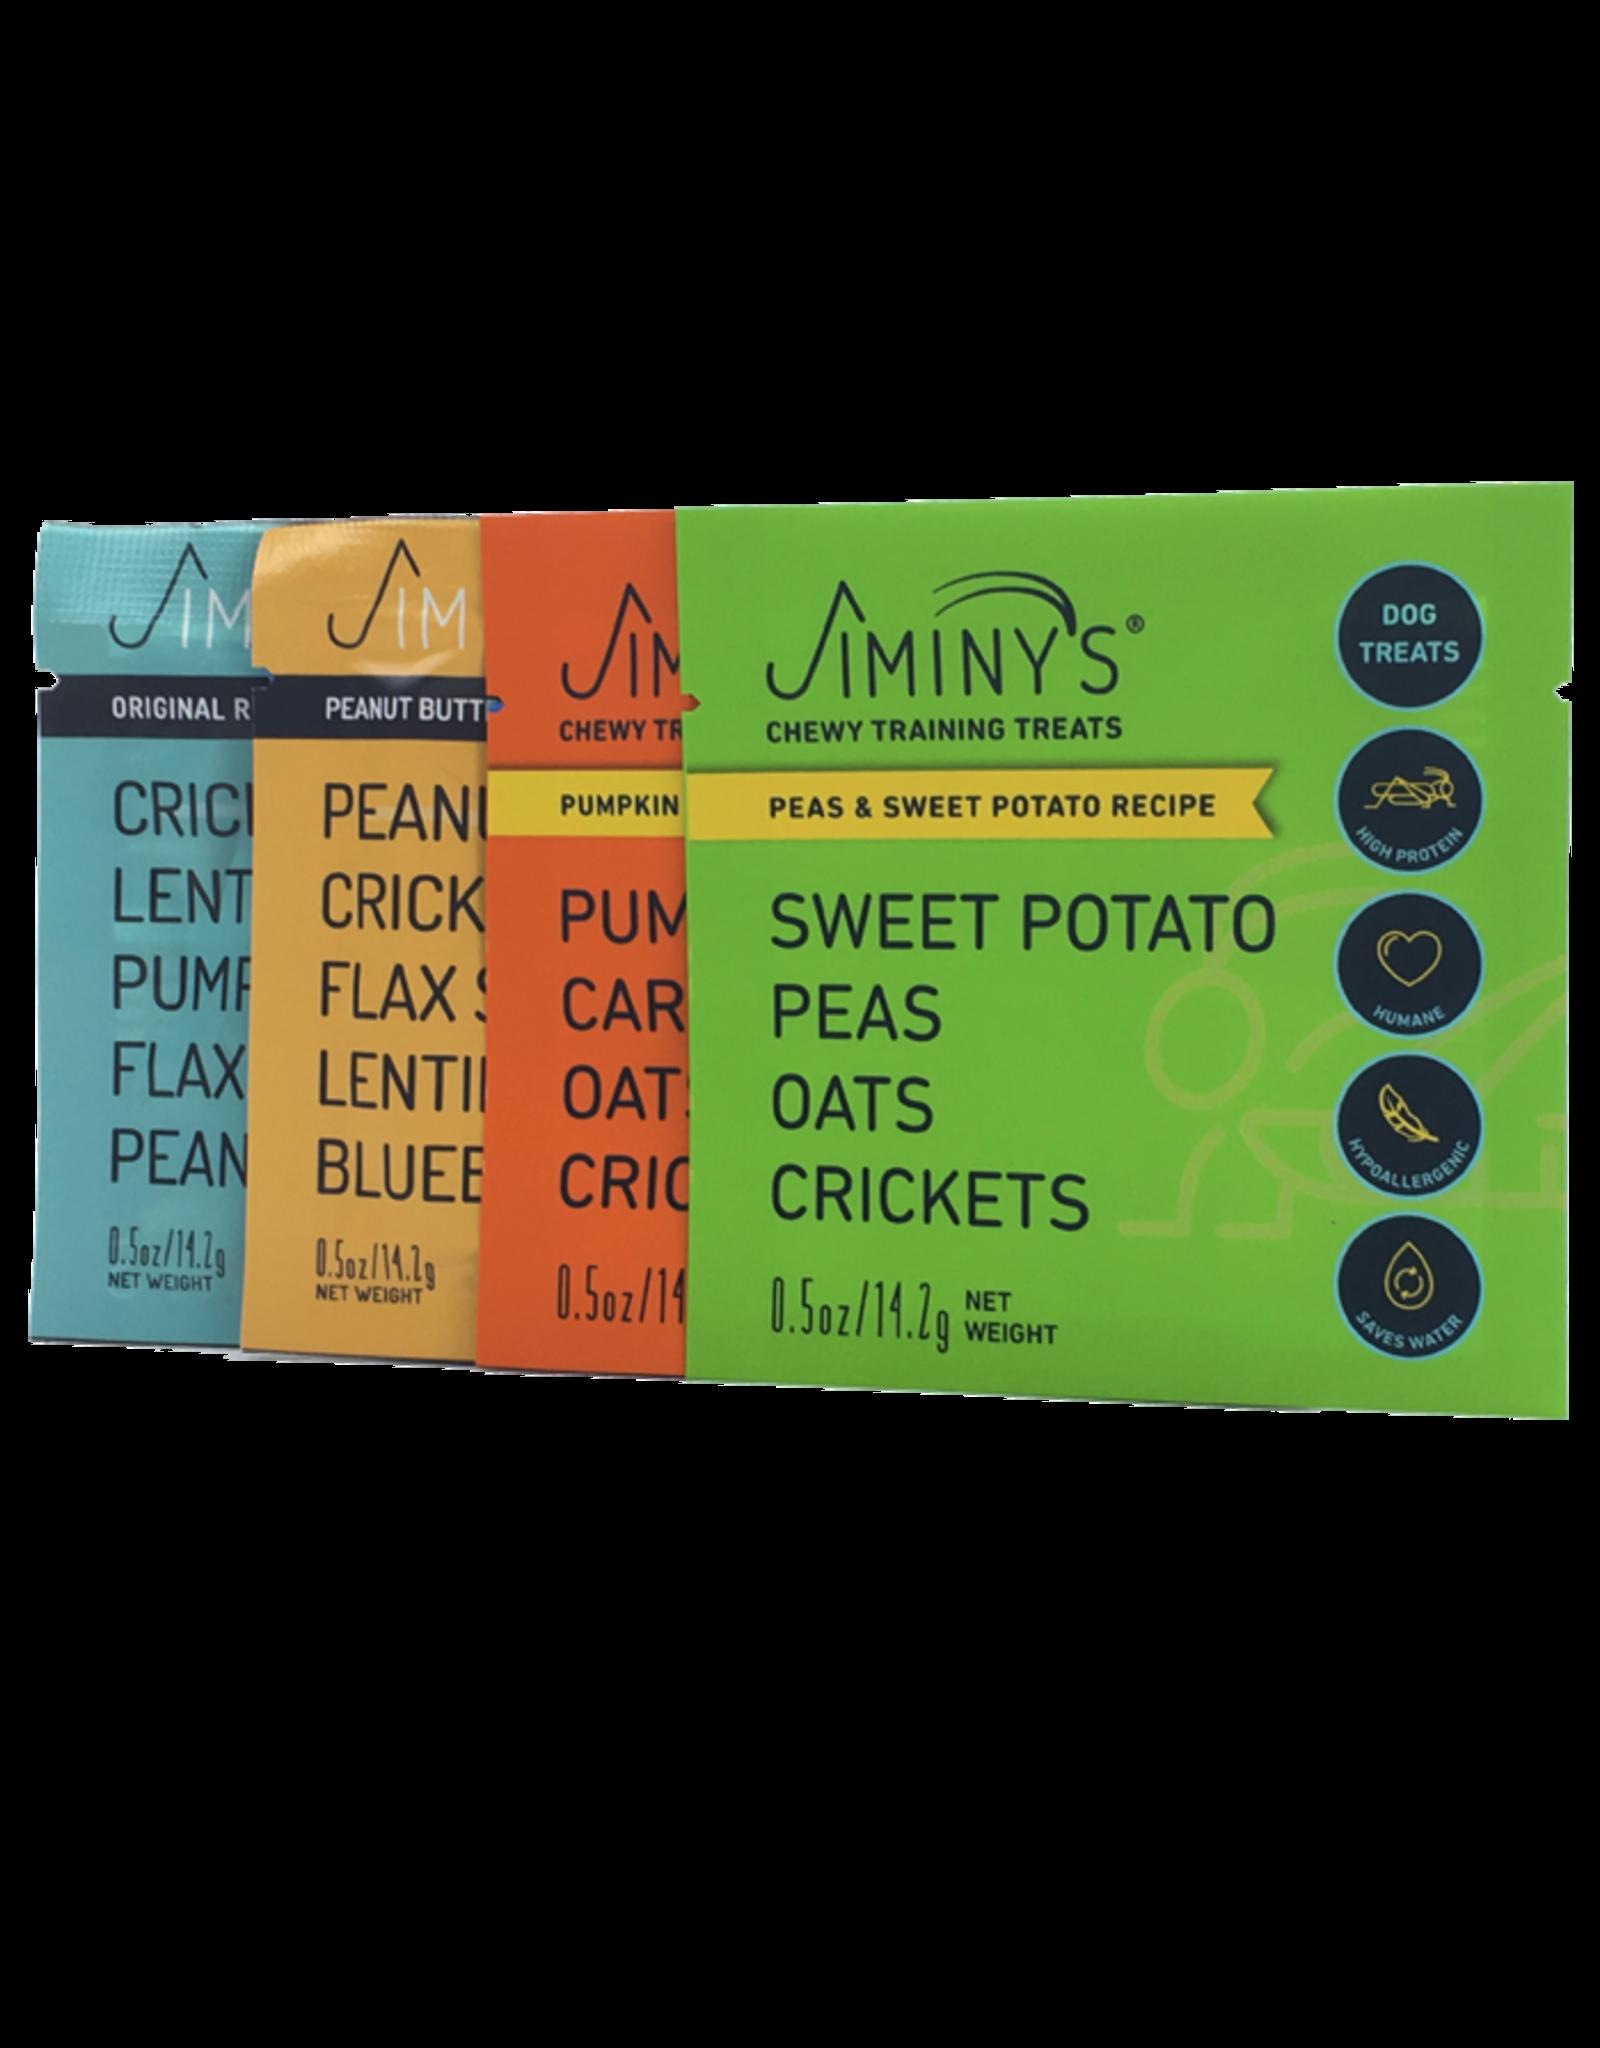 Jiminy's Jiminy's Sweet Potato & Peas Recipe Chewy Cricket Treat